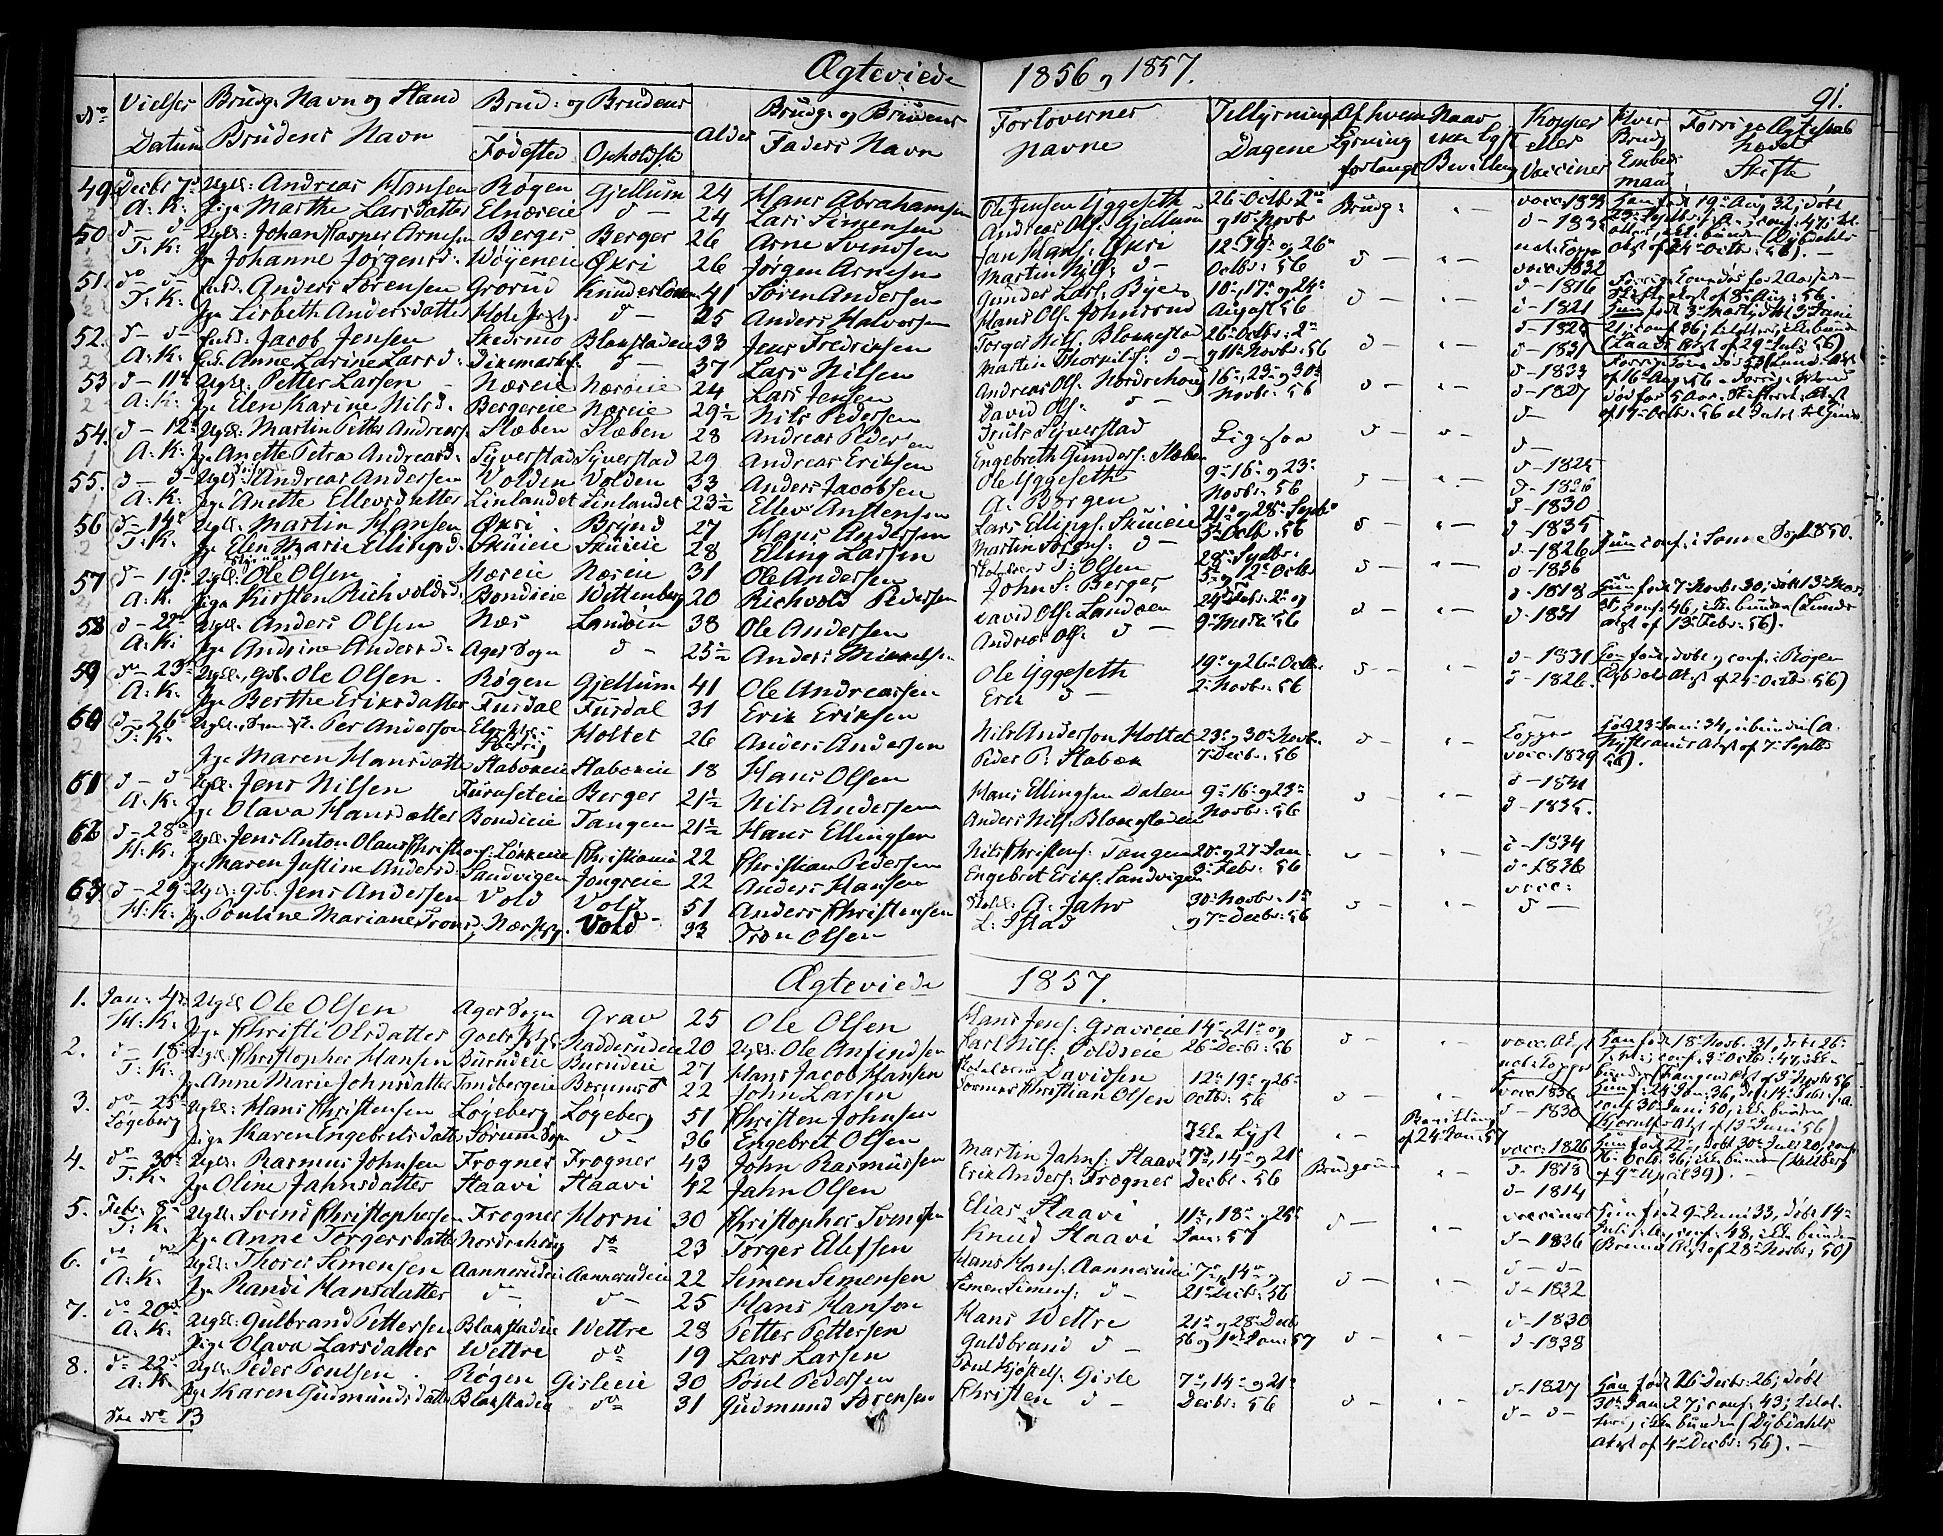 SAO, Asker prestekontor Kirkebøker, F/Fa/L0010: Ministerialbok nr. I 10, 1825-1878, s. 91